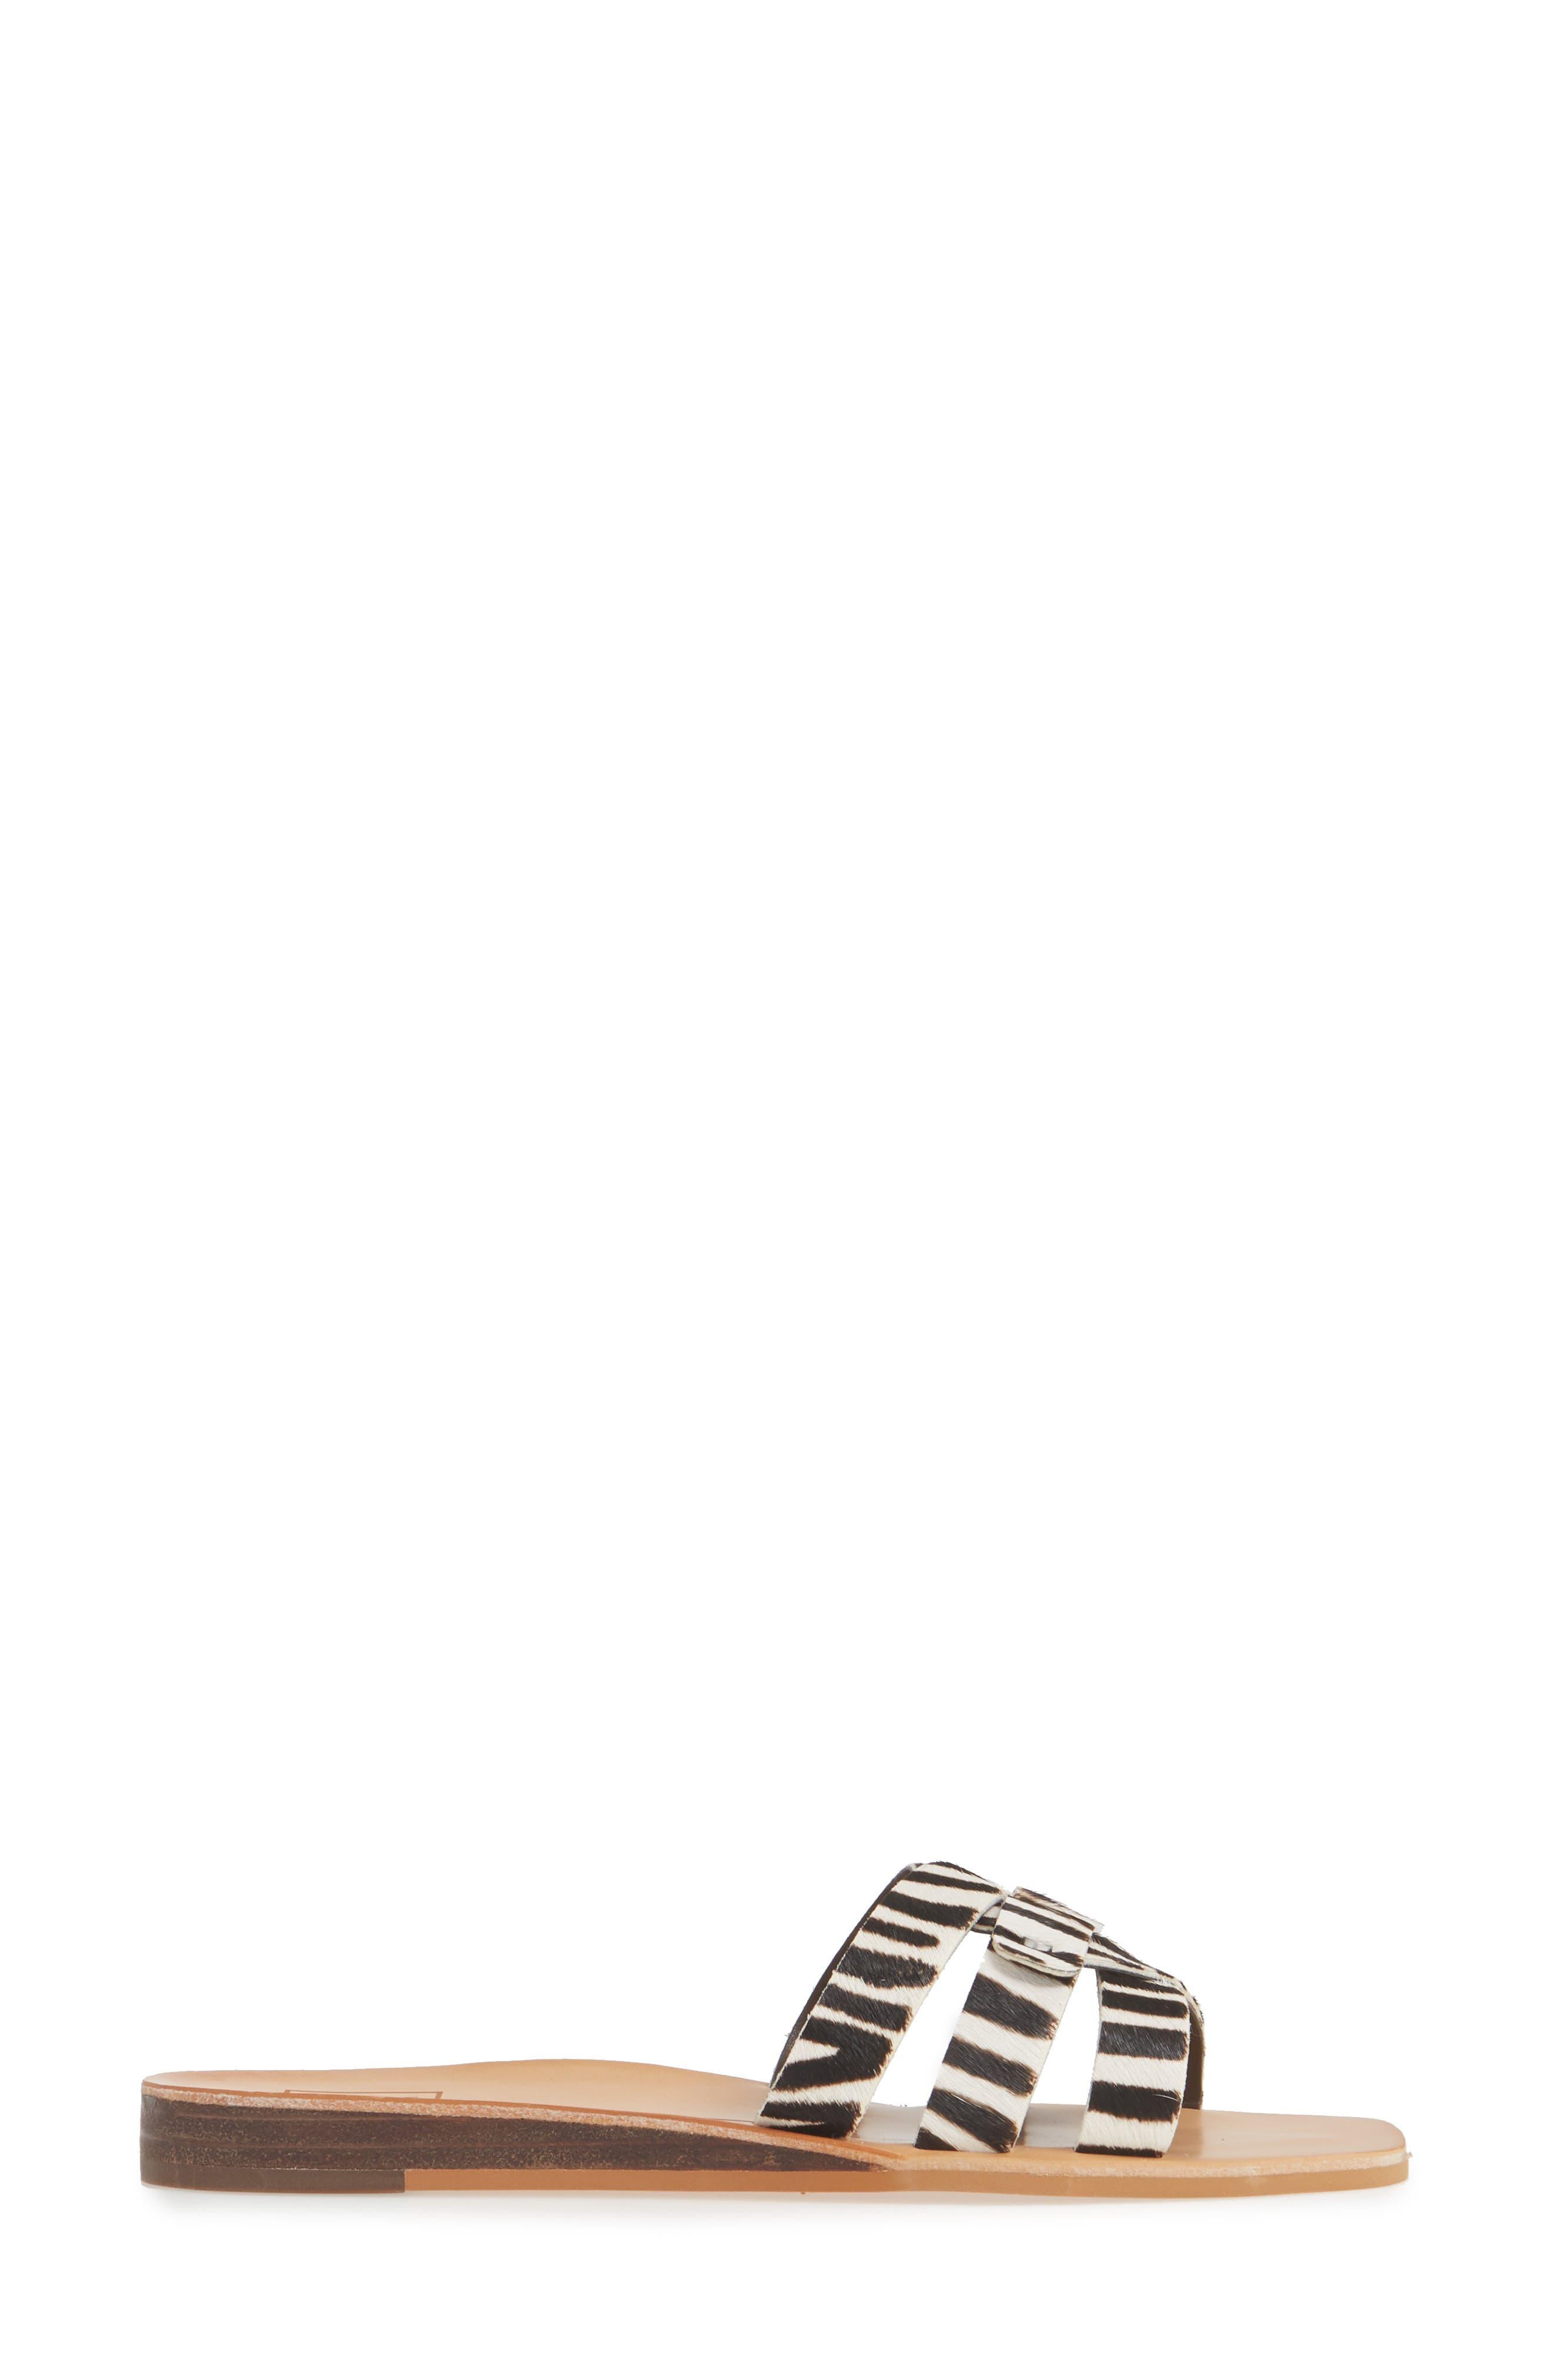 DOLCE VITA, Cait Genuine Calf Hair Slide Sandal, Alternate thumbnail 3, color, ZEBRA PRINT